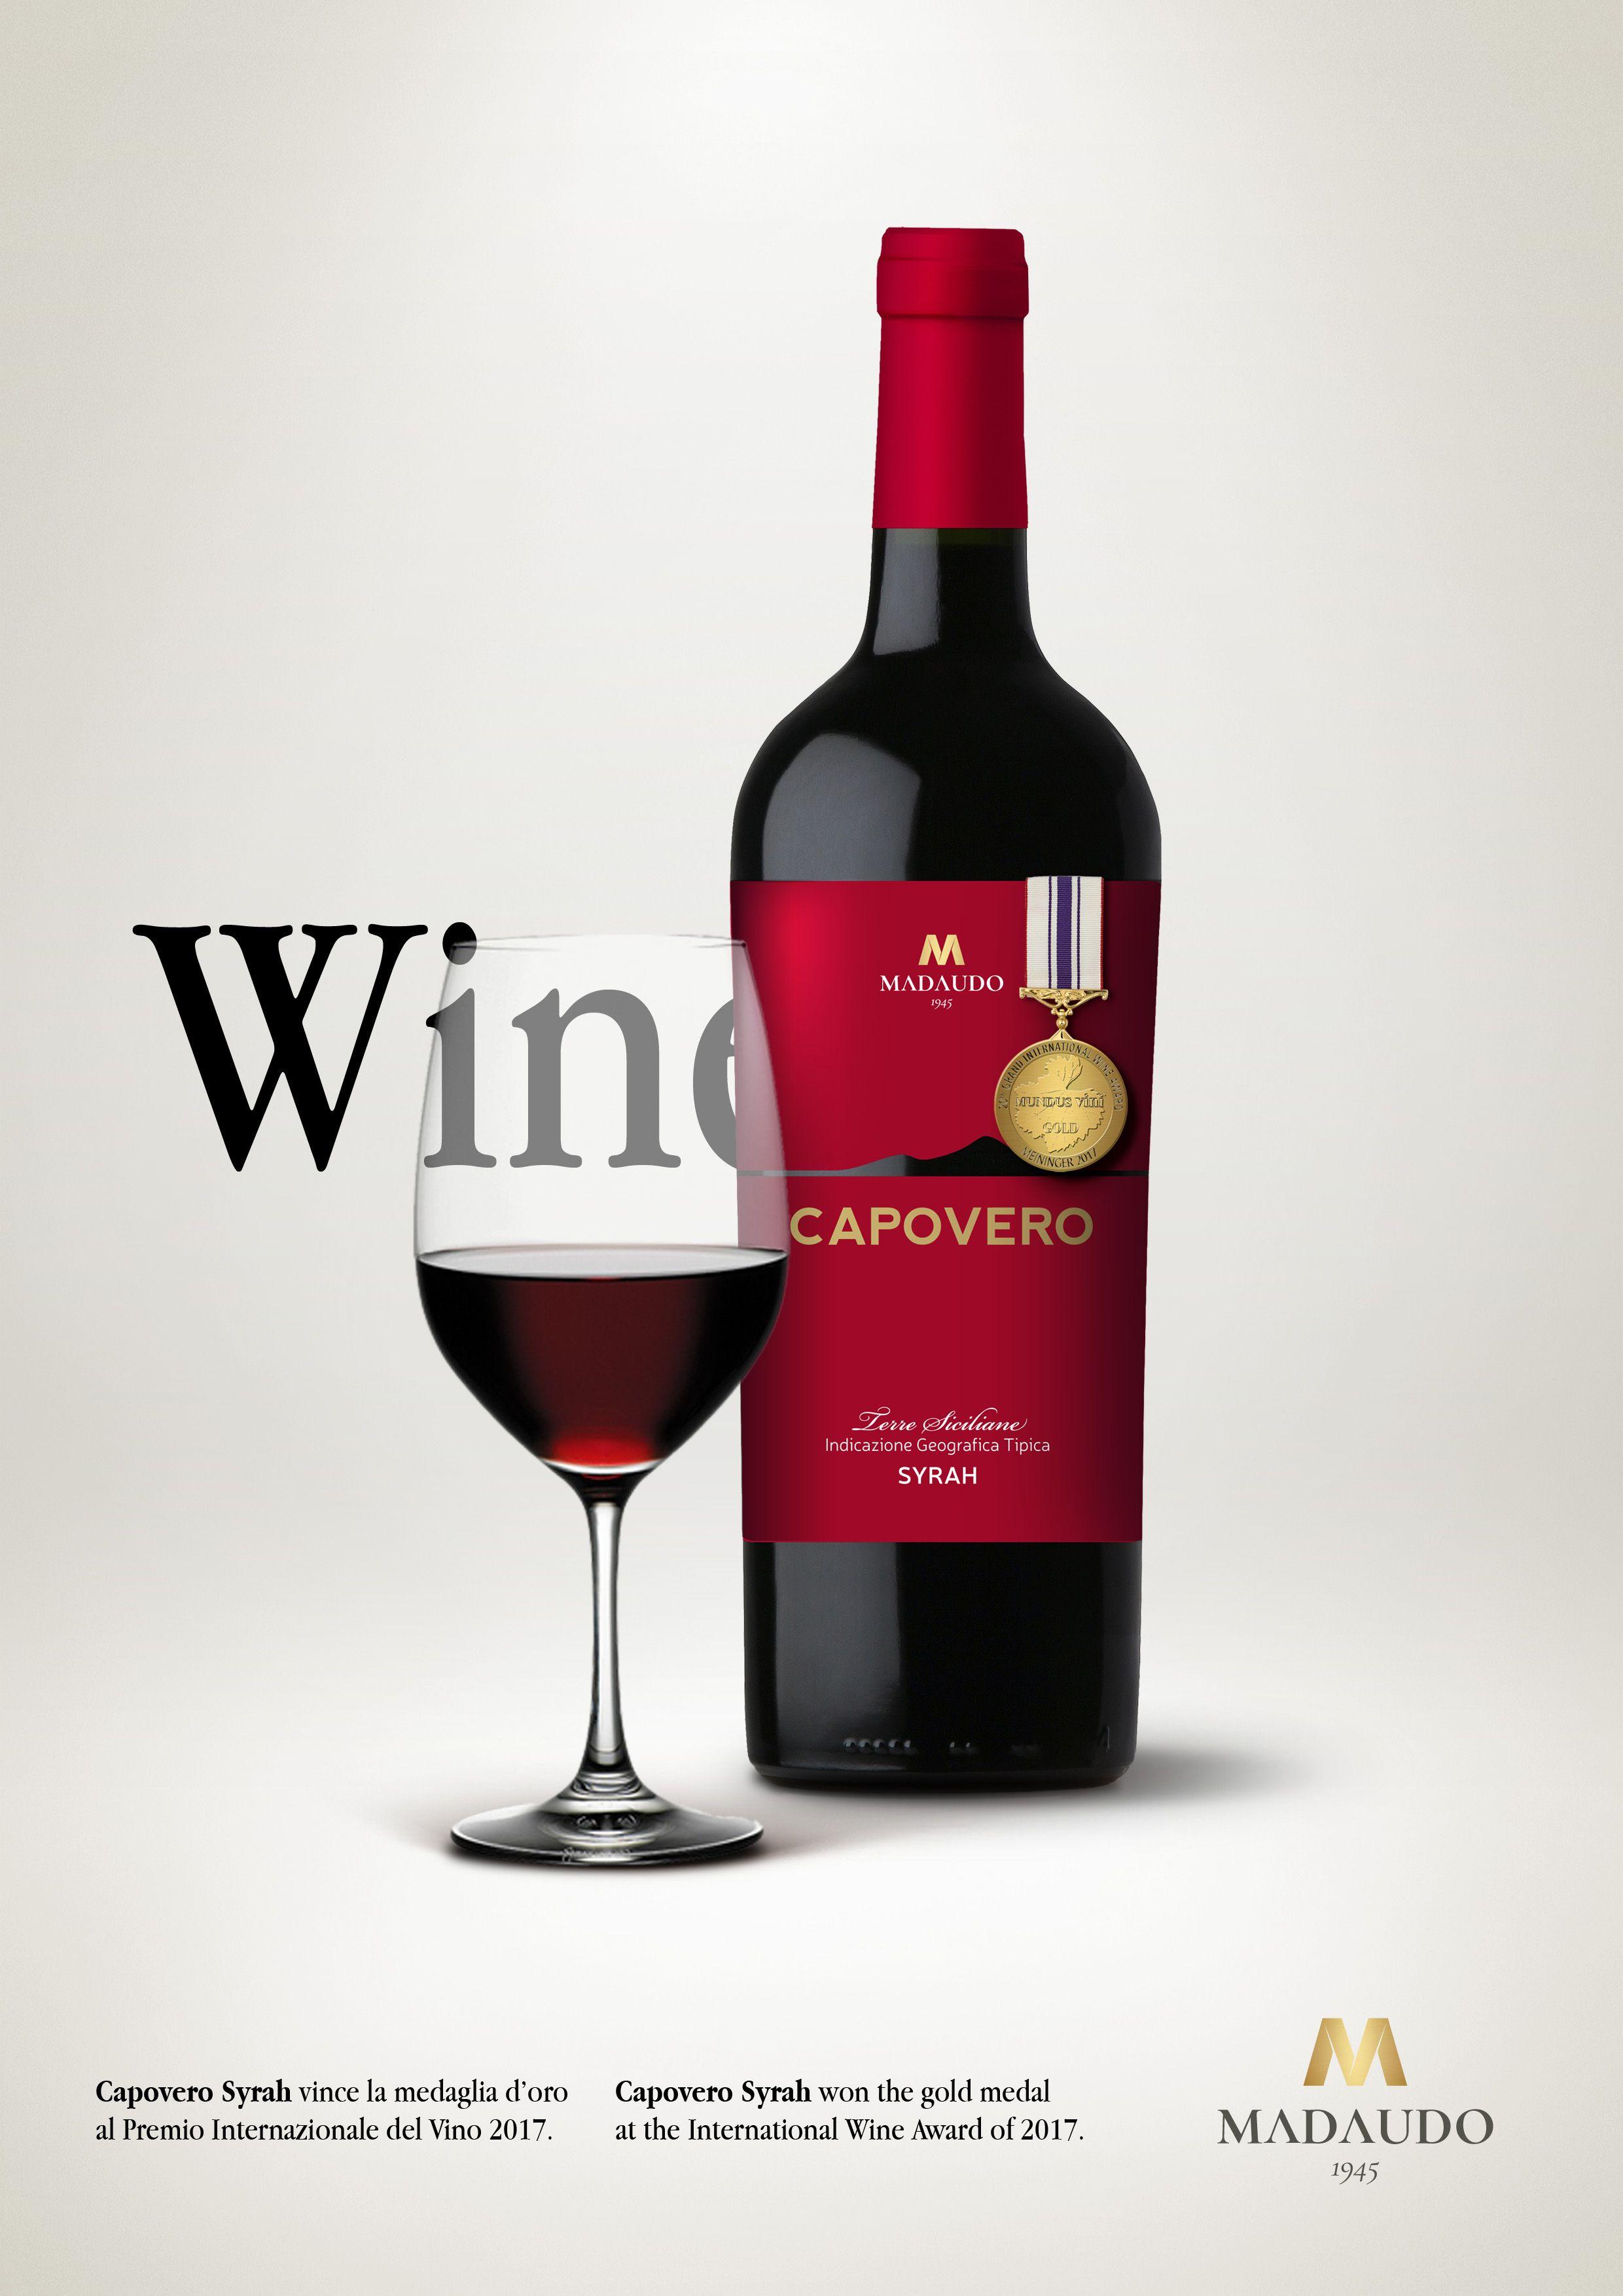 Capovero Wine Brand Gold Medal Adv Vino Oro